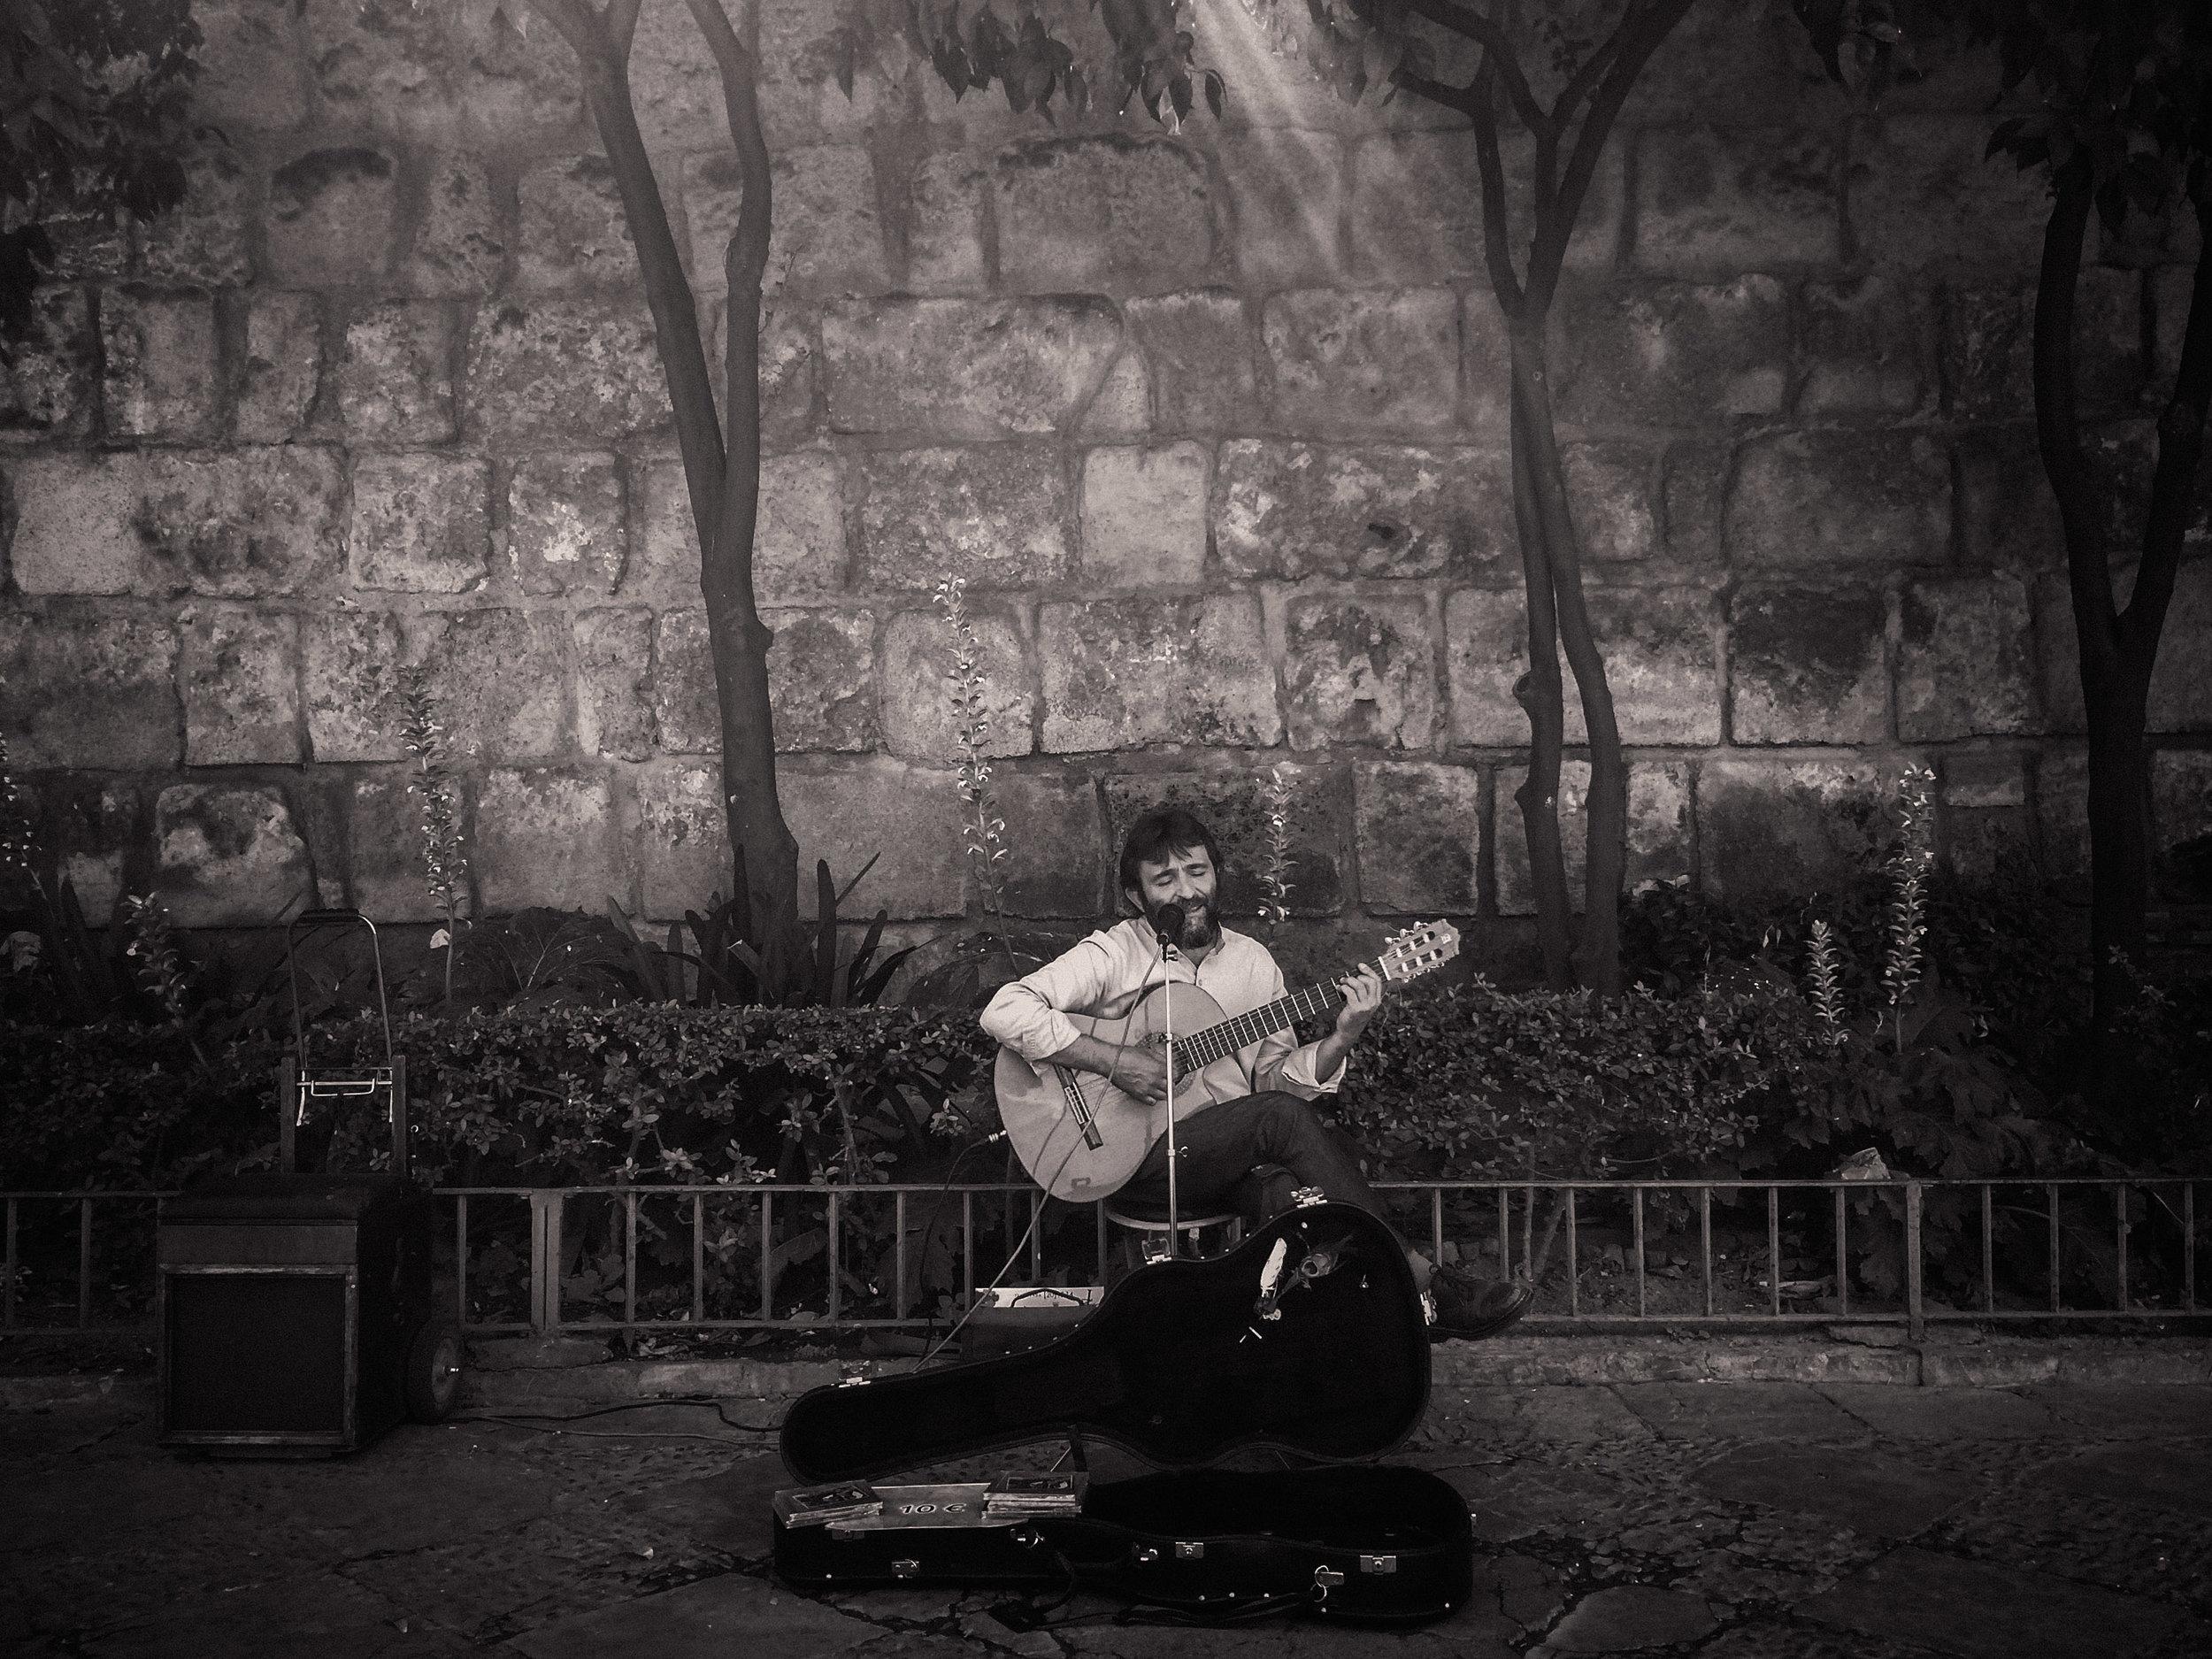 Seville, Spain - 2014